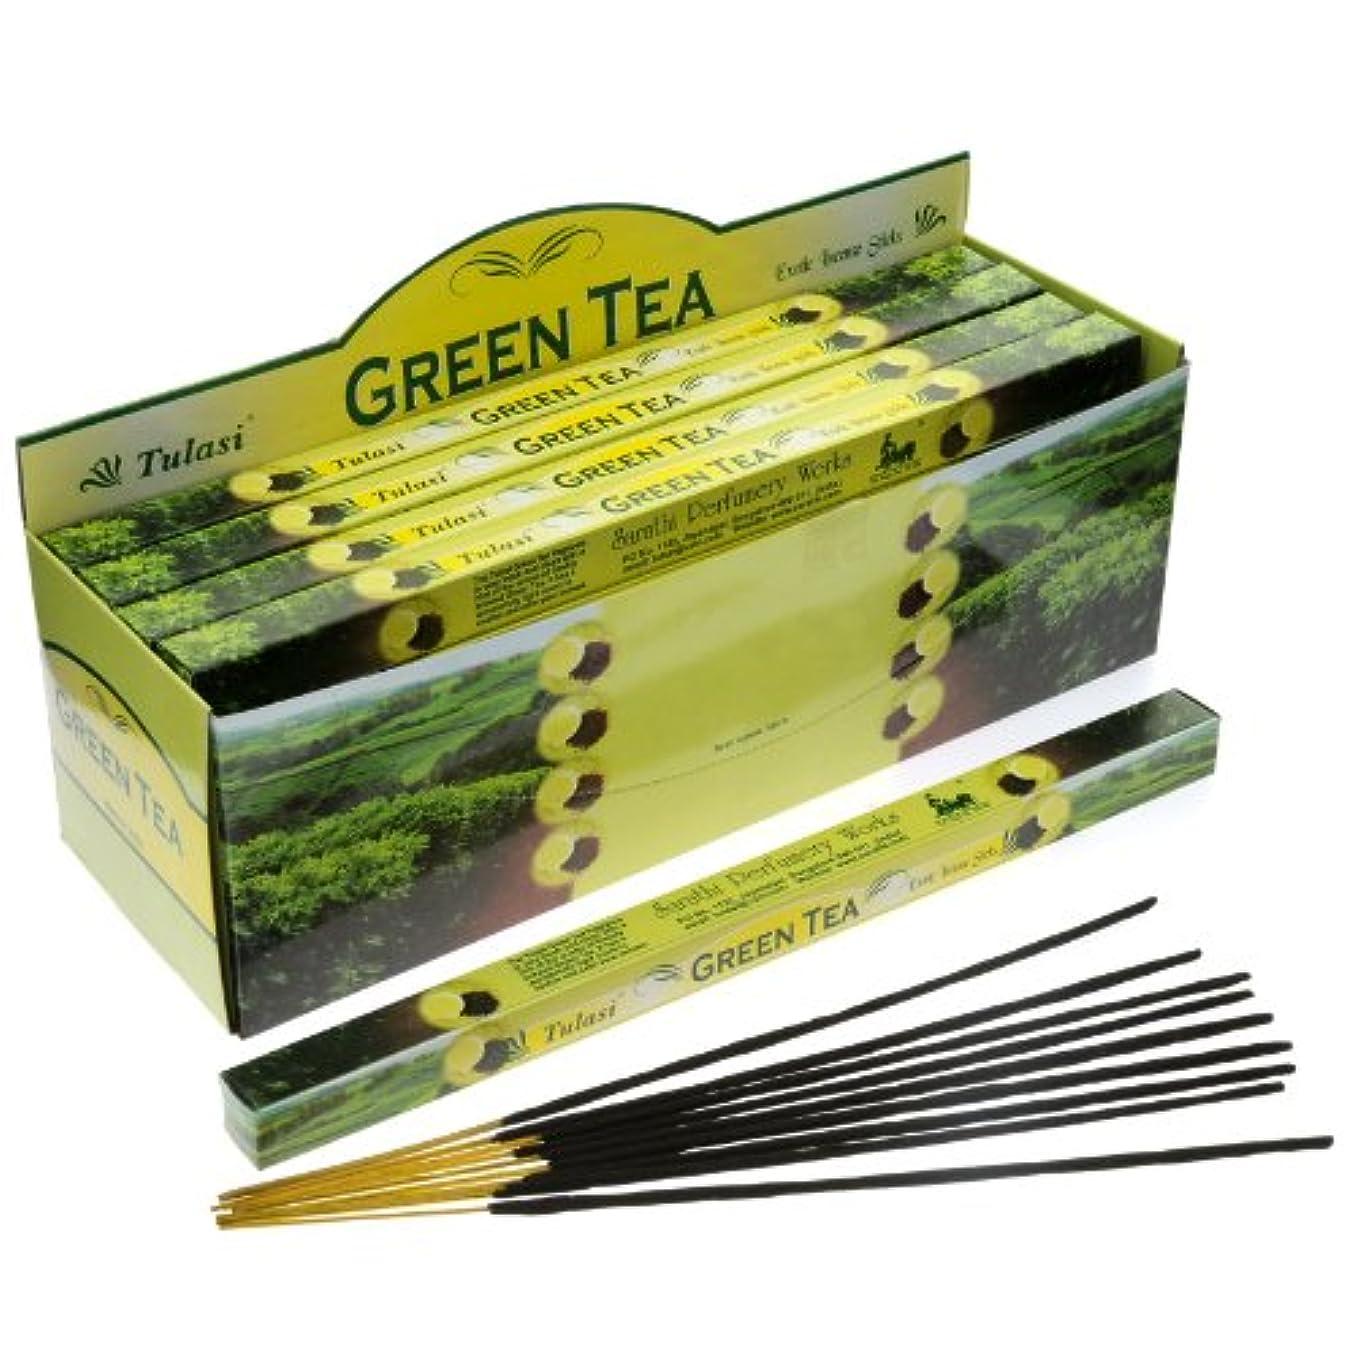 征服者レオナルドダ区別Tulasi Green Tea Incense, 8 Sticks x 25 Packs